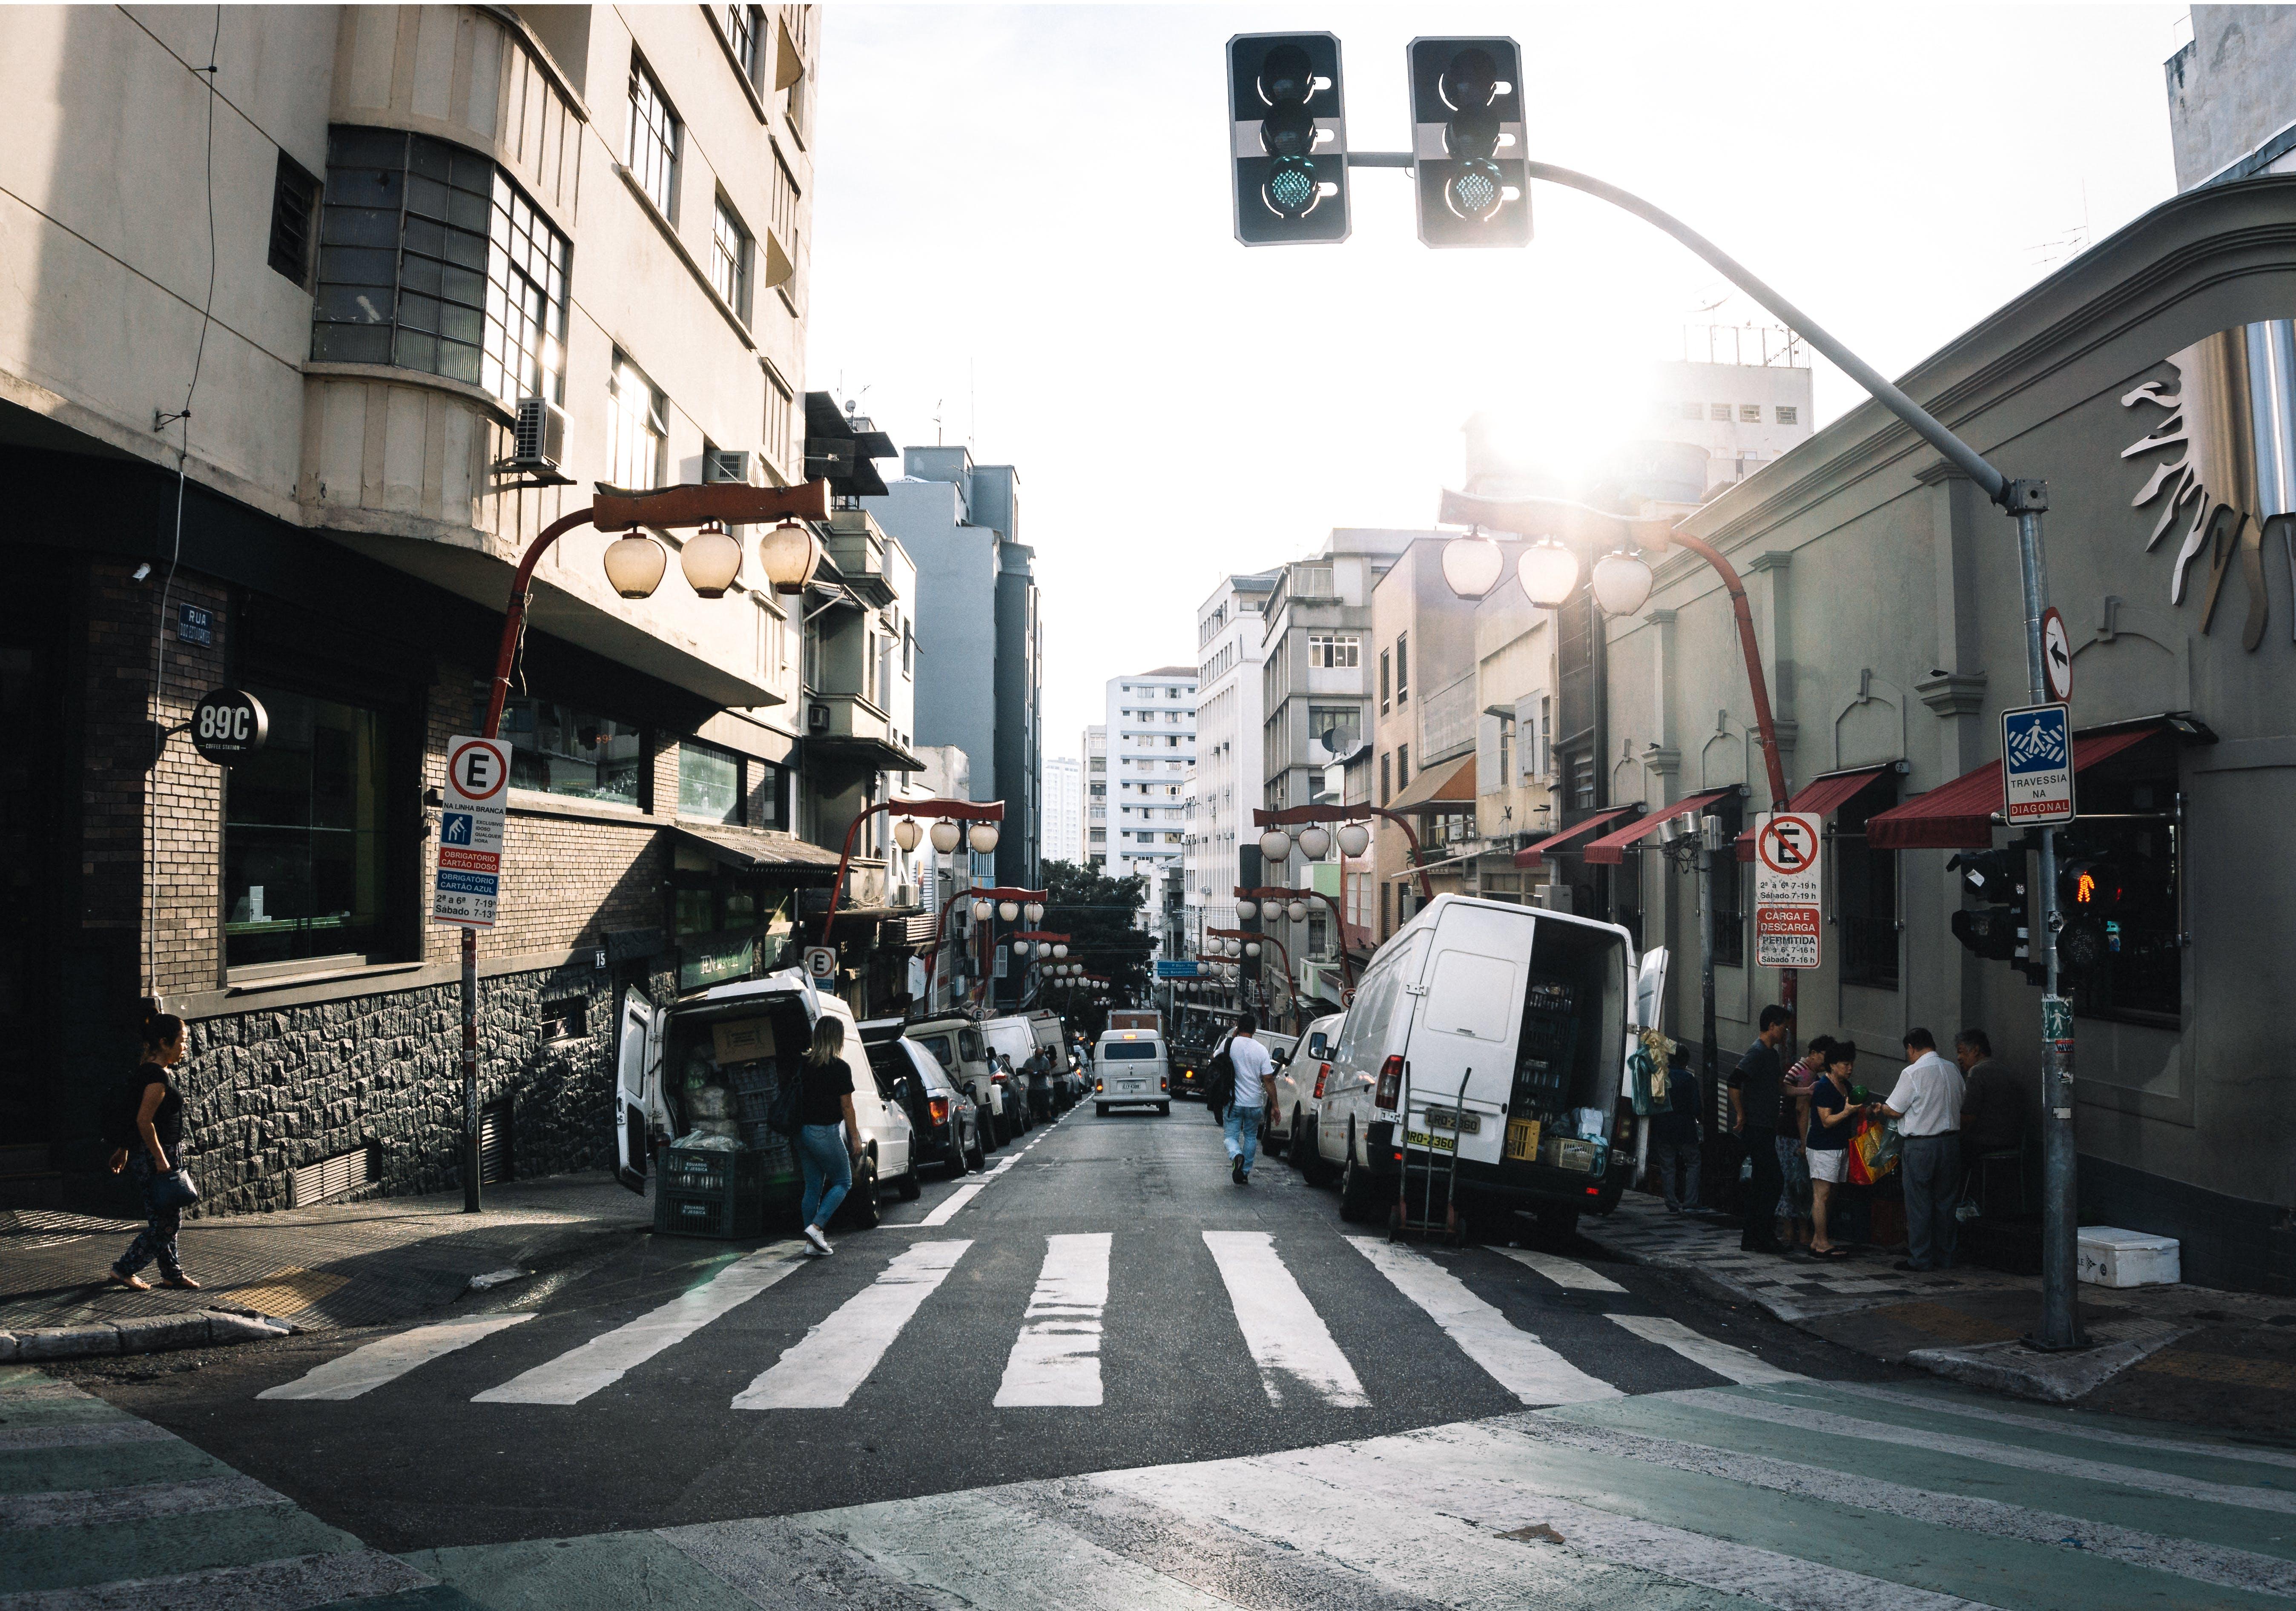 de andando, arquitetura, asfalto, automóveis